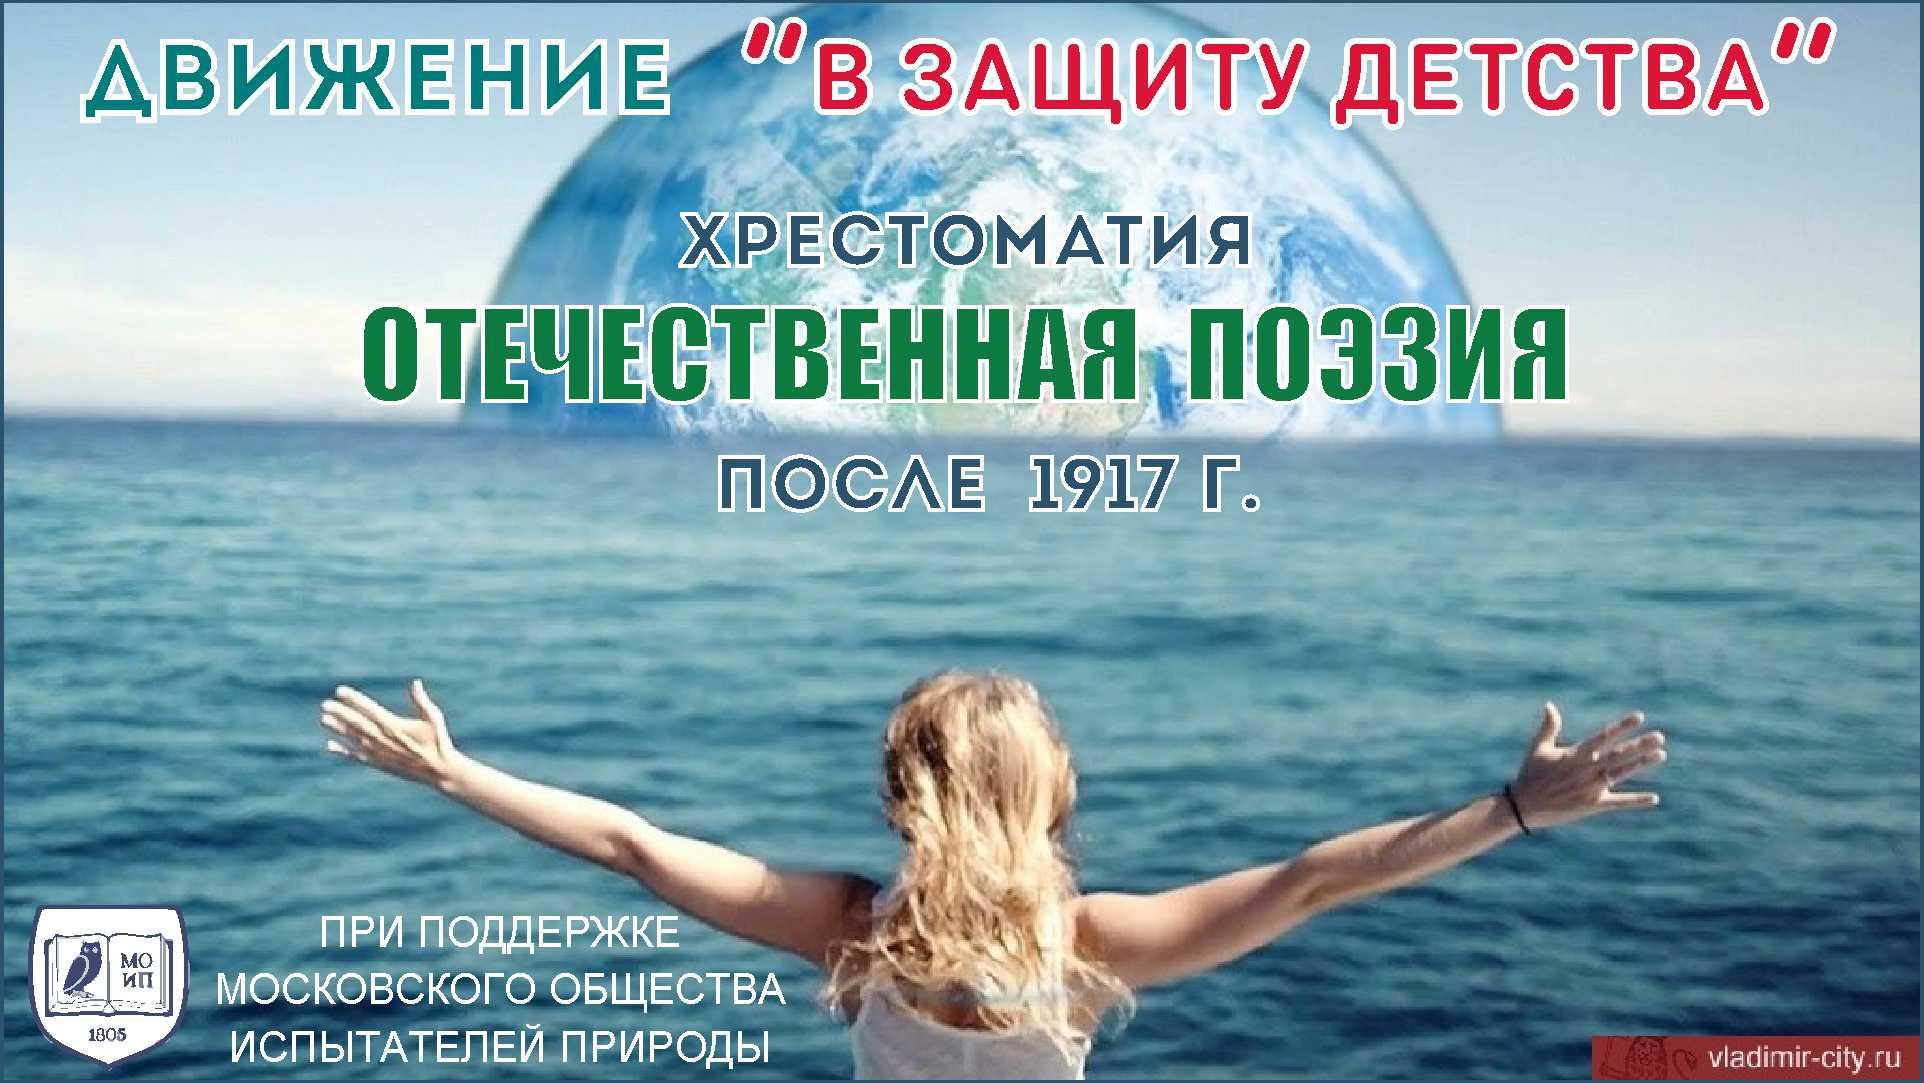 ХРЕСТОМАТИЯ. ОТЕЧЕСТВЕННАЯ ПОЭЗИЯ после 1917 г.